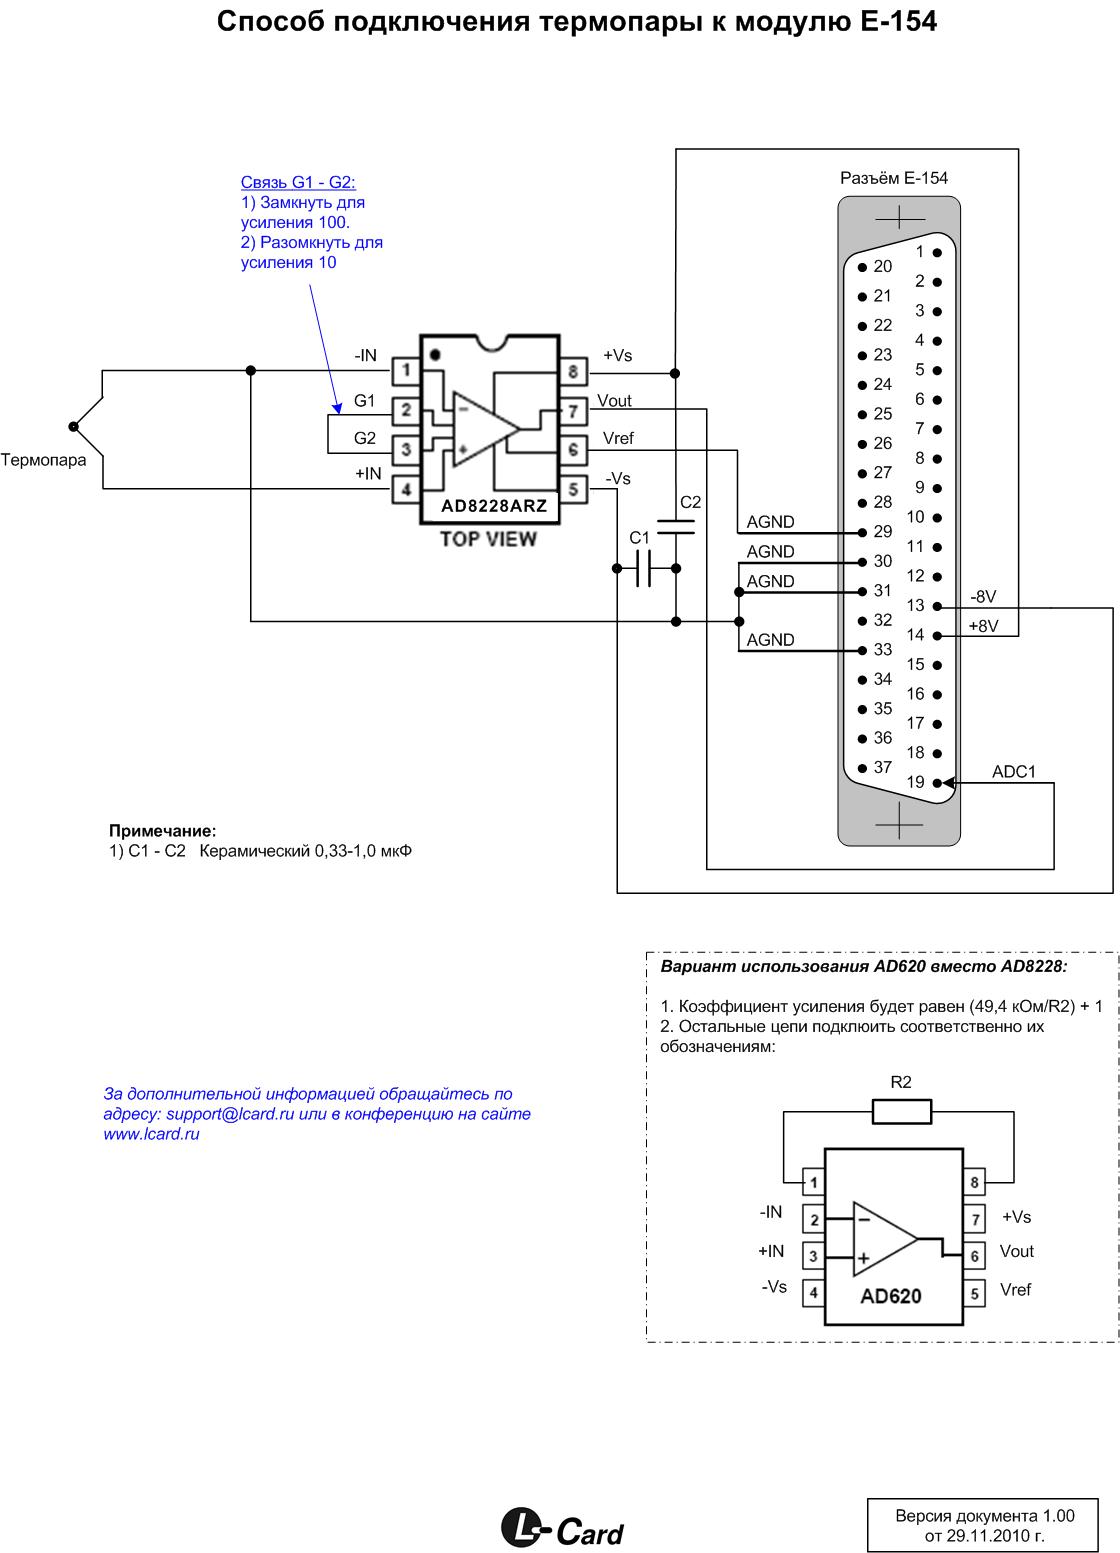 E-154 с термопарой